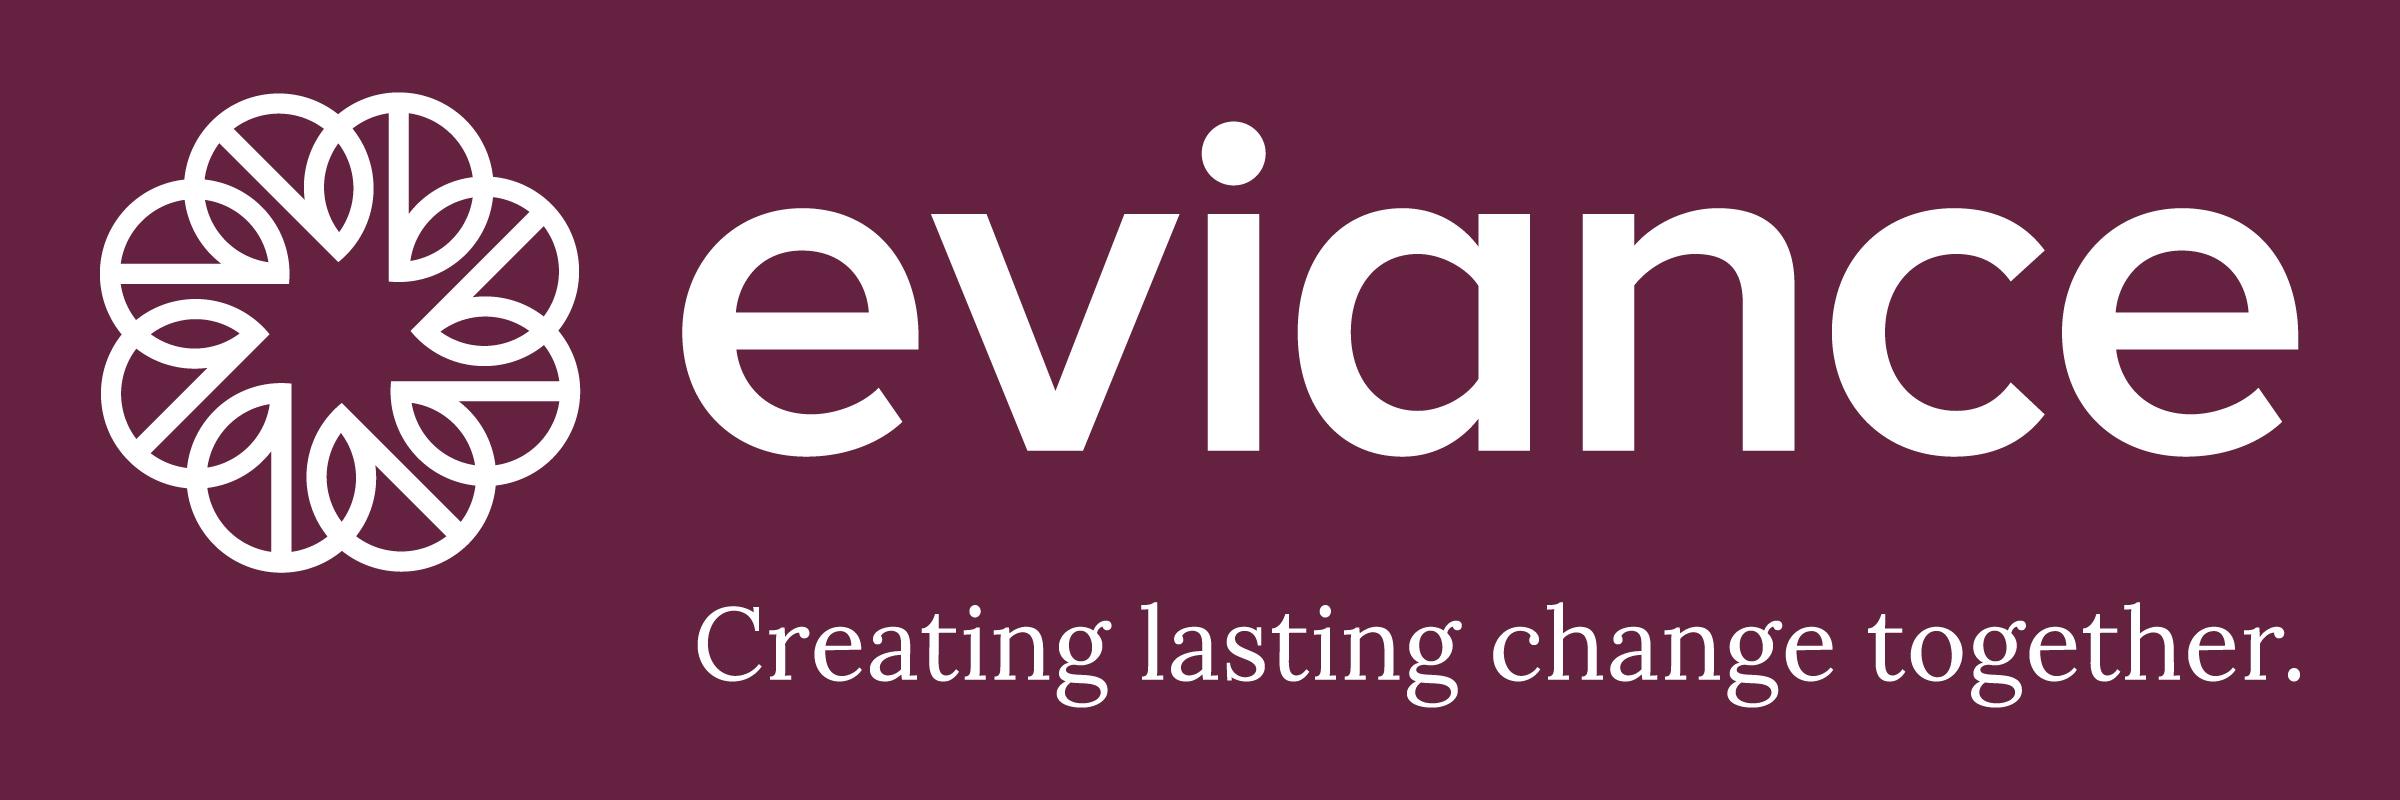 Eviance